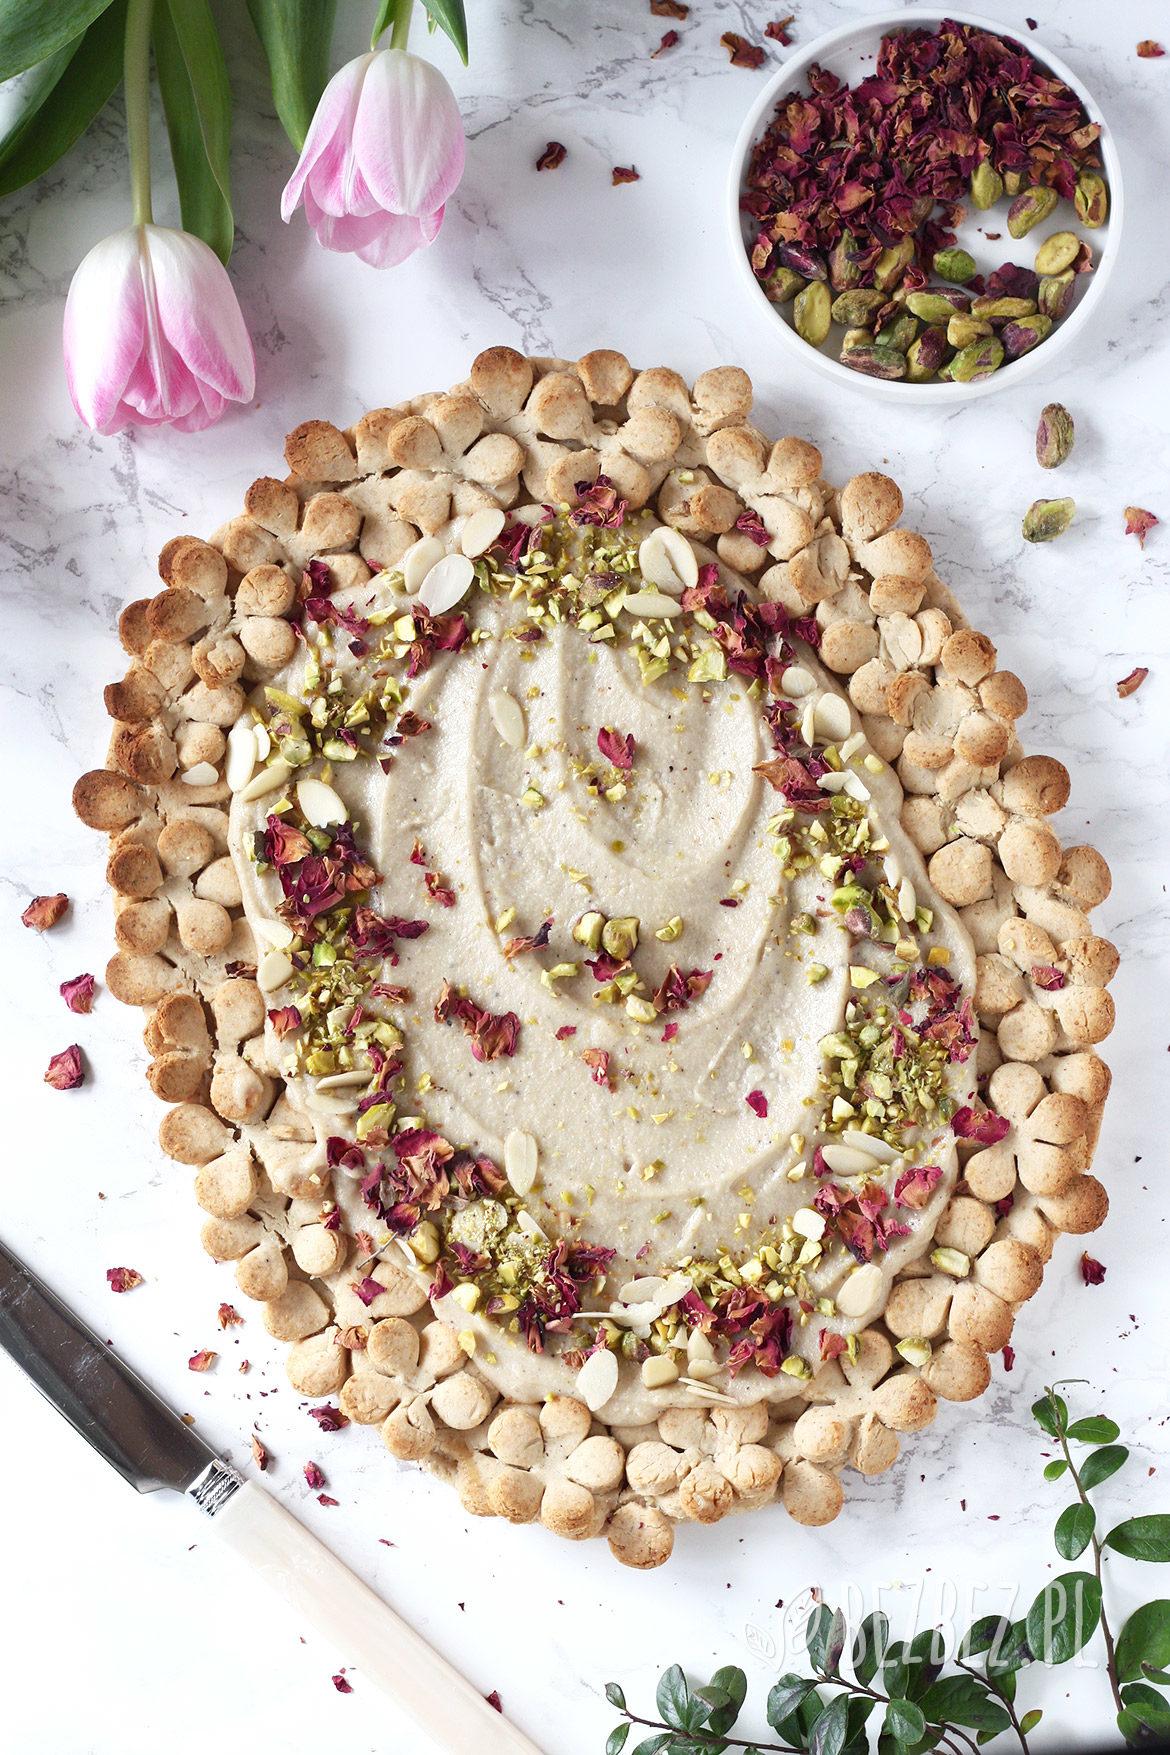 Bezglutenowy mazurek chałwowy z różą, kardamonem i pistacjami - wegański